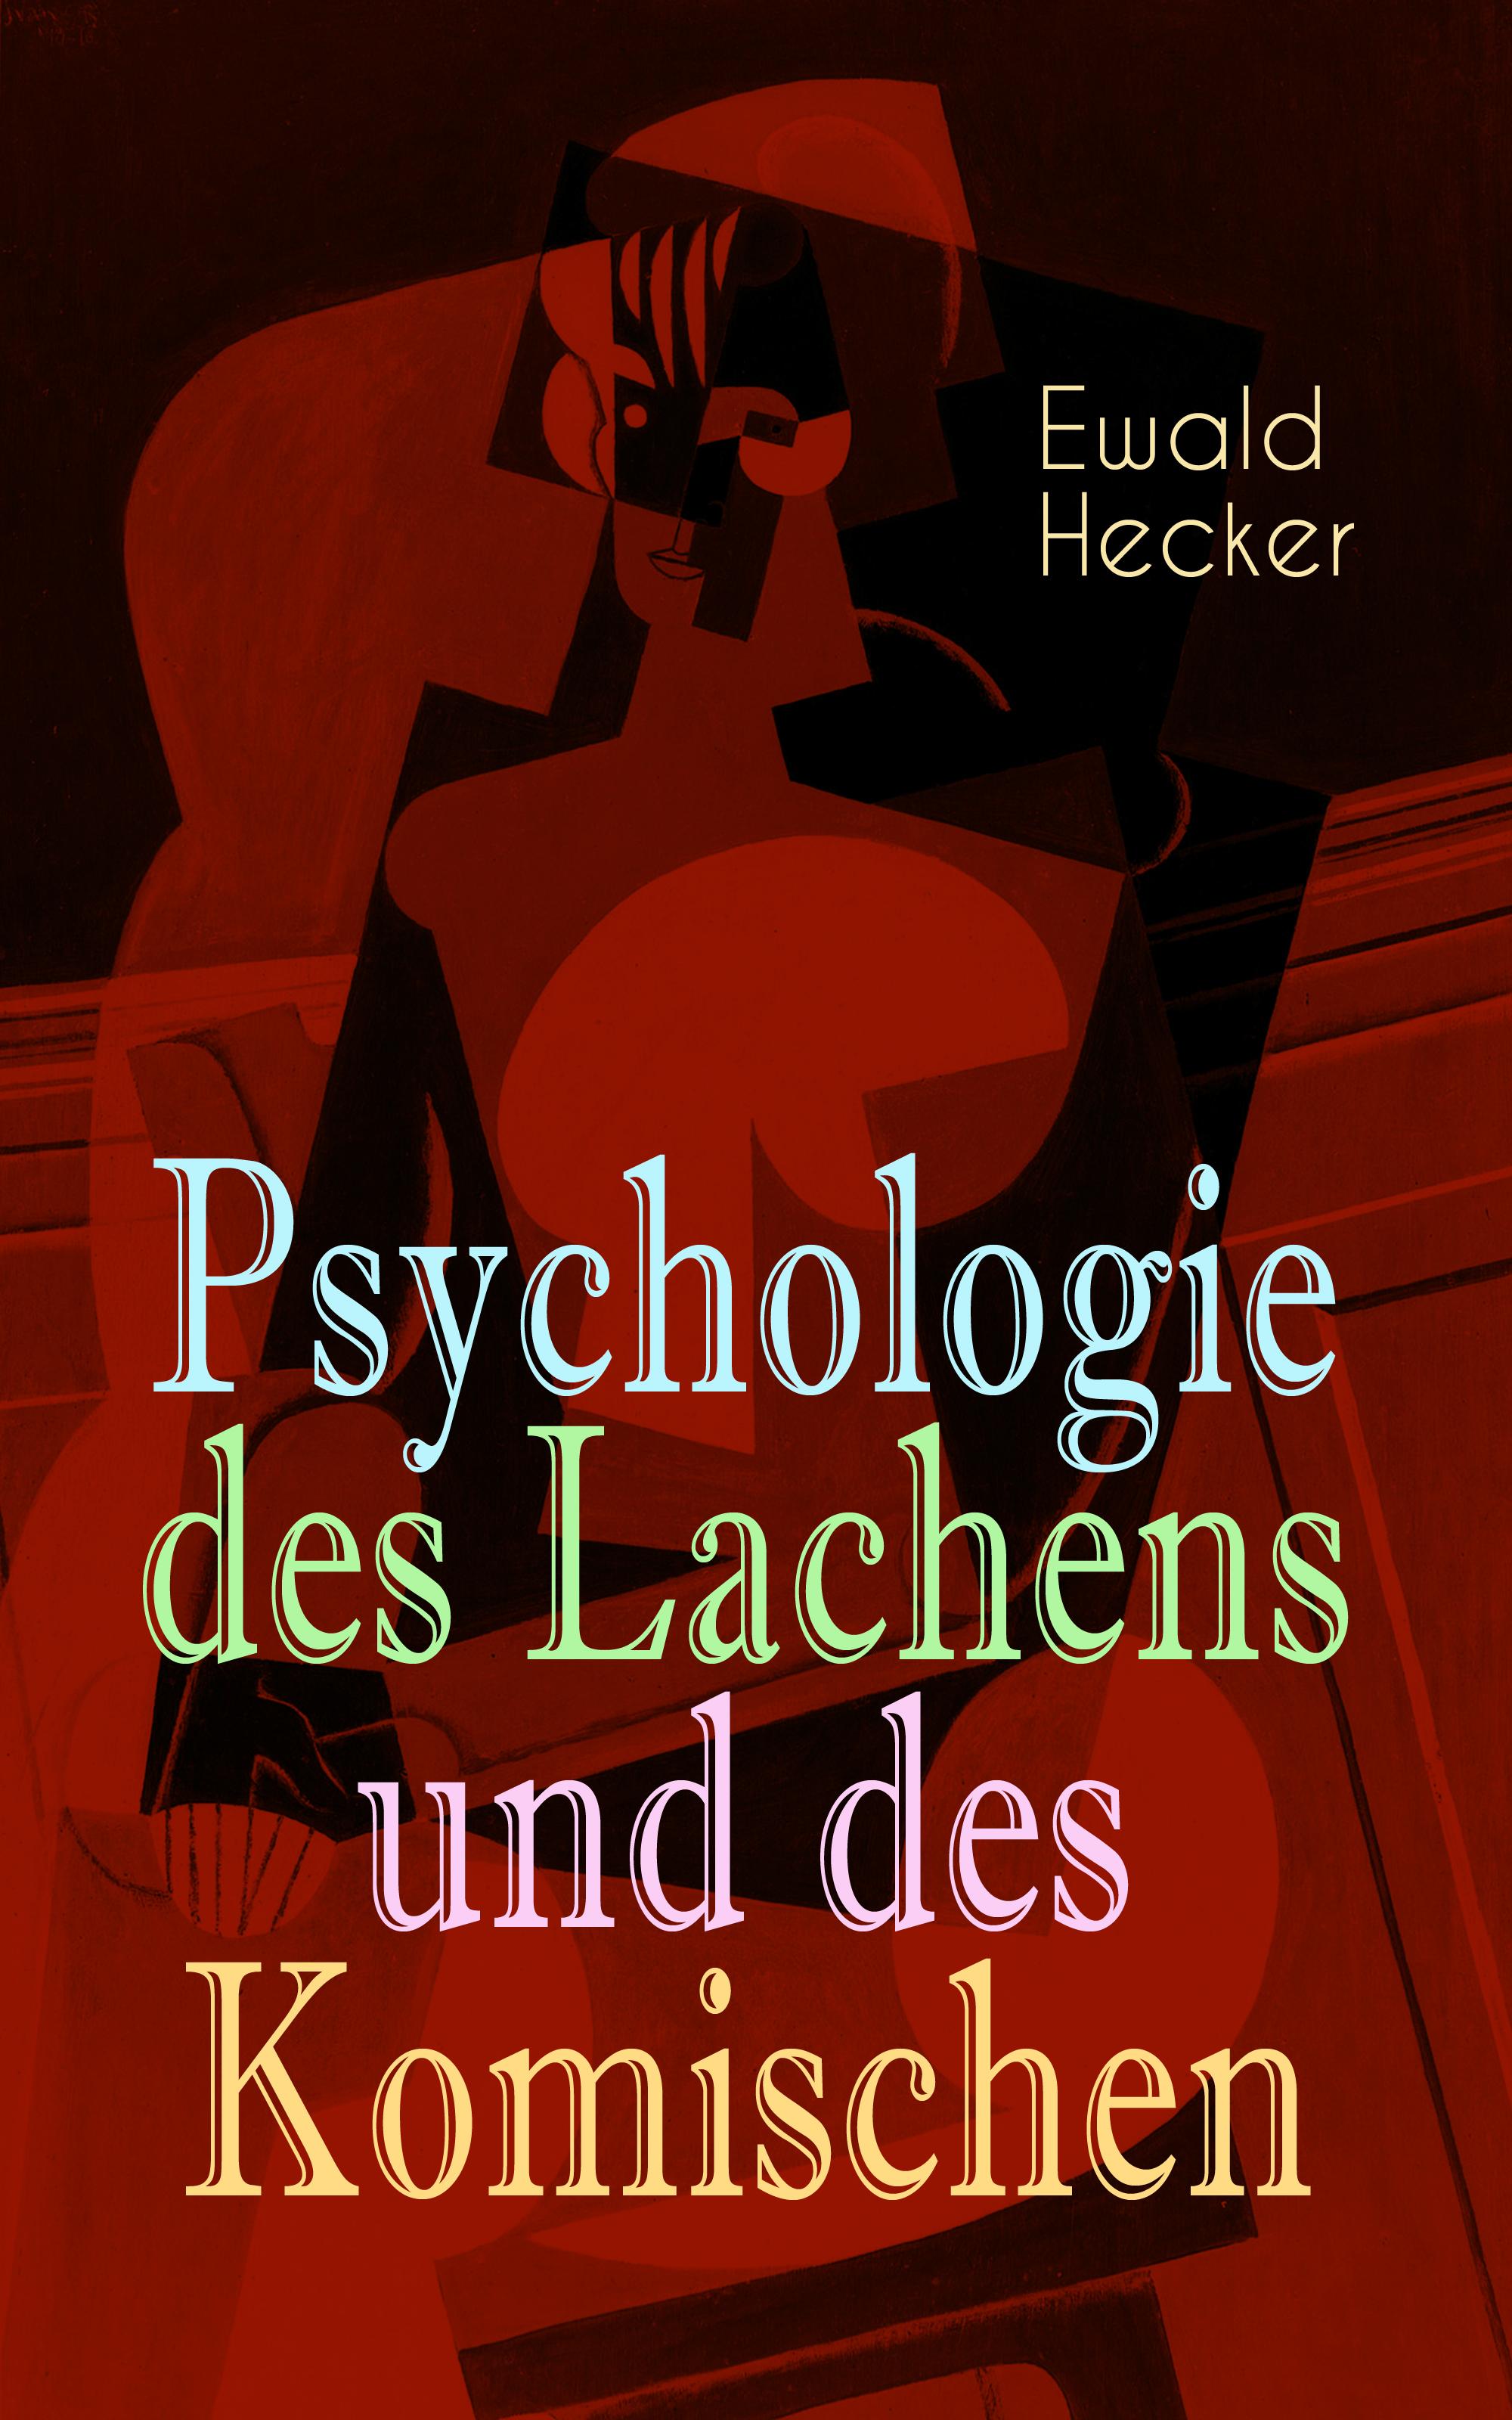 Ewald Hecker Psychologie des Lachens und des Komischen